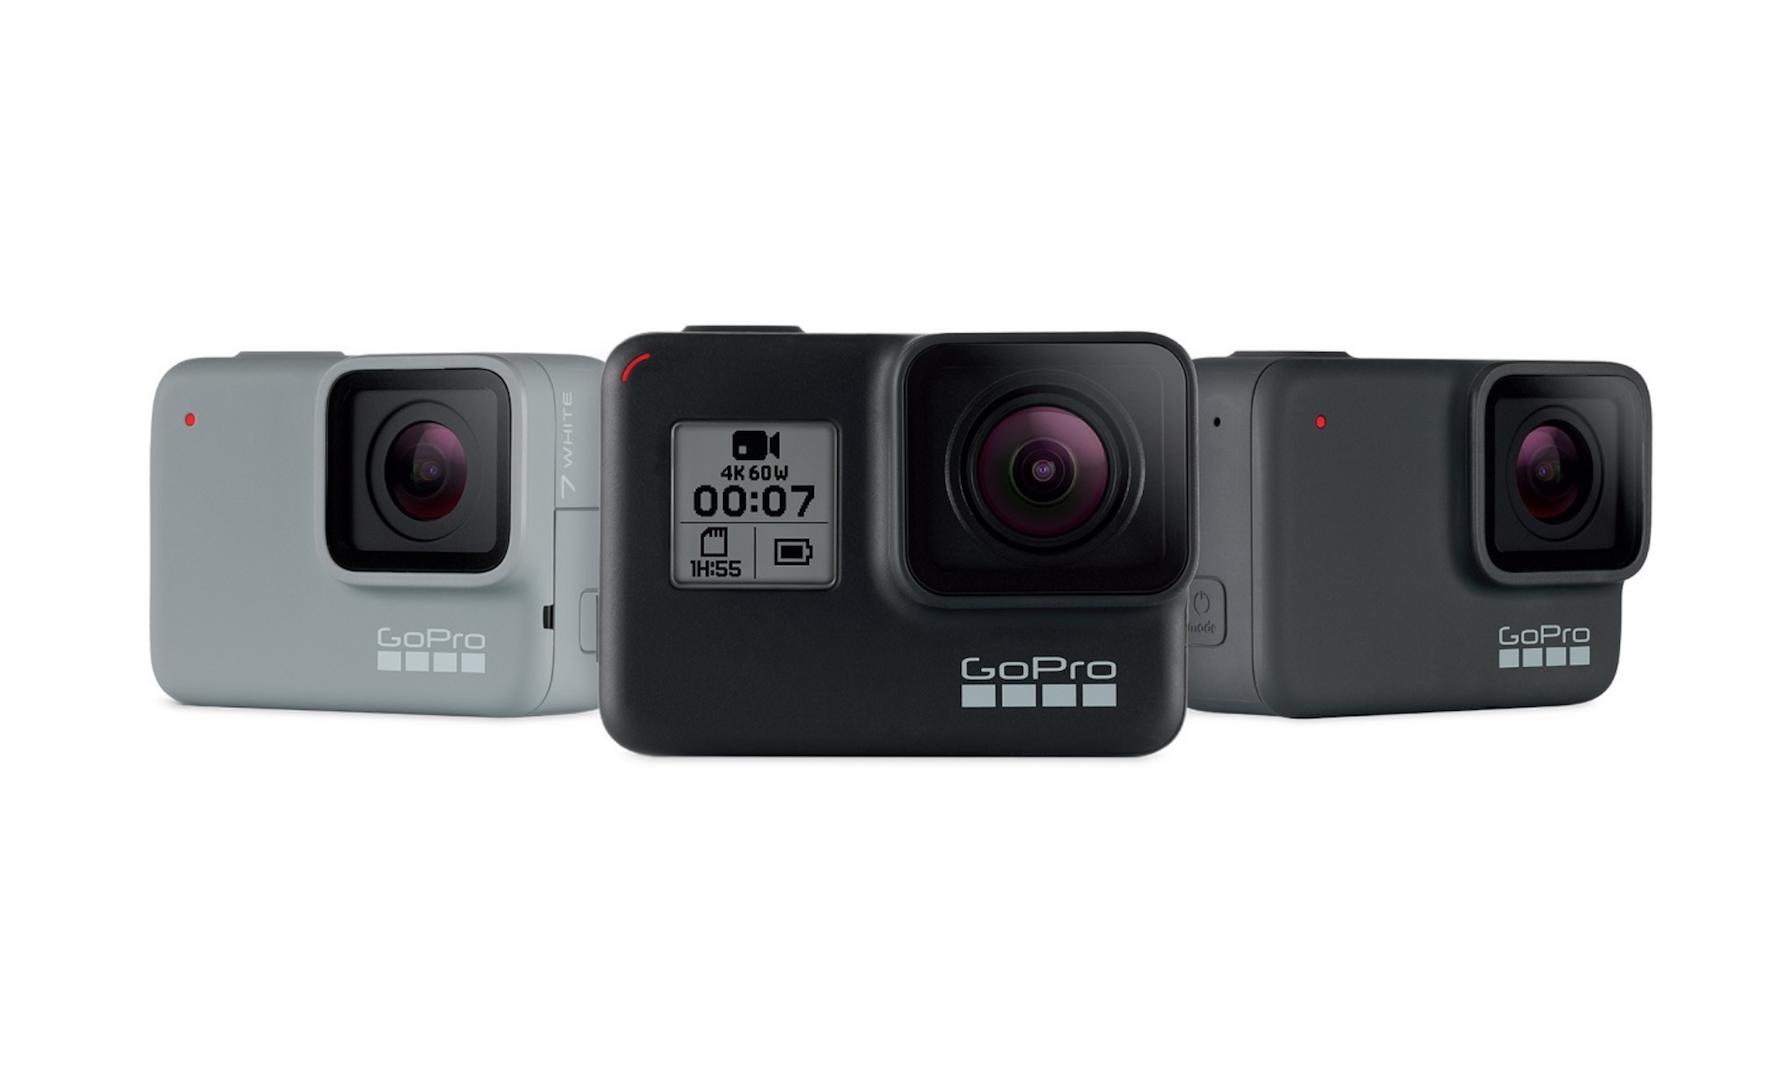 GoProがHERO7を発表 - 強力な手ブレ補正、ライブストリーミング、強化されたオーディオをサポート